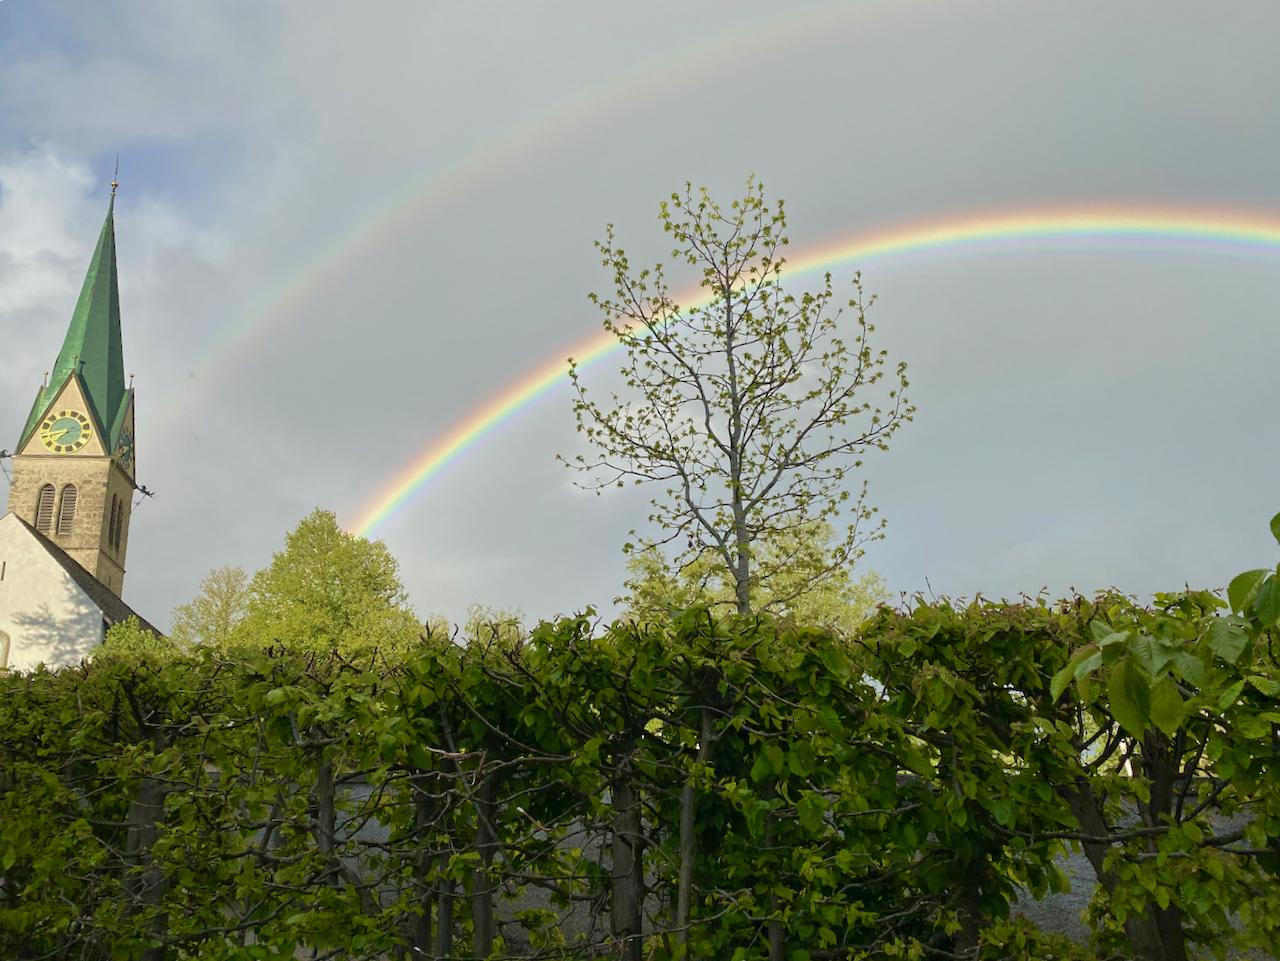 nicht nur ein regenbogen